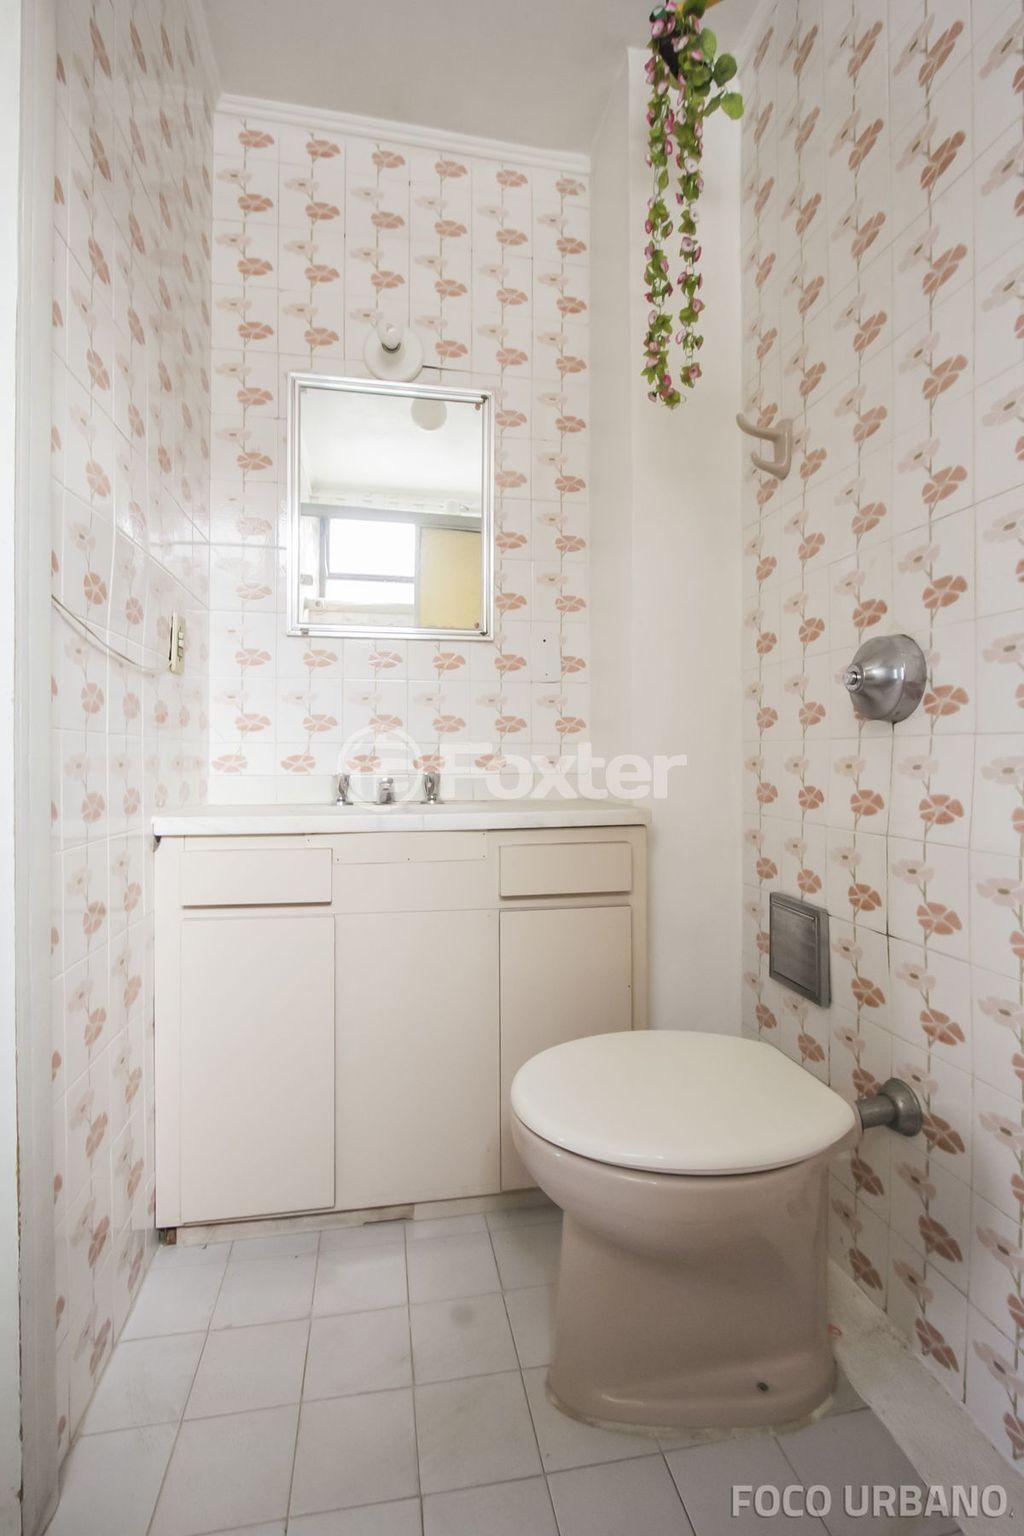 Foxter Imobiliária - Apto 3 Dorm, Bom Fim (109333) - Foto 10